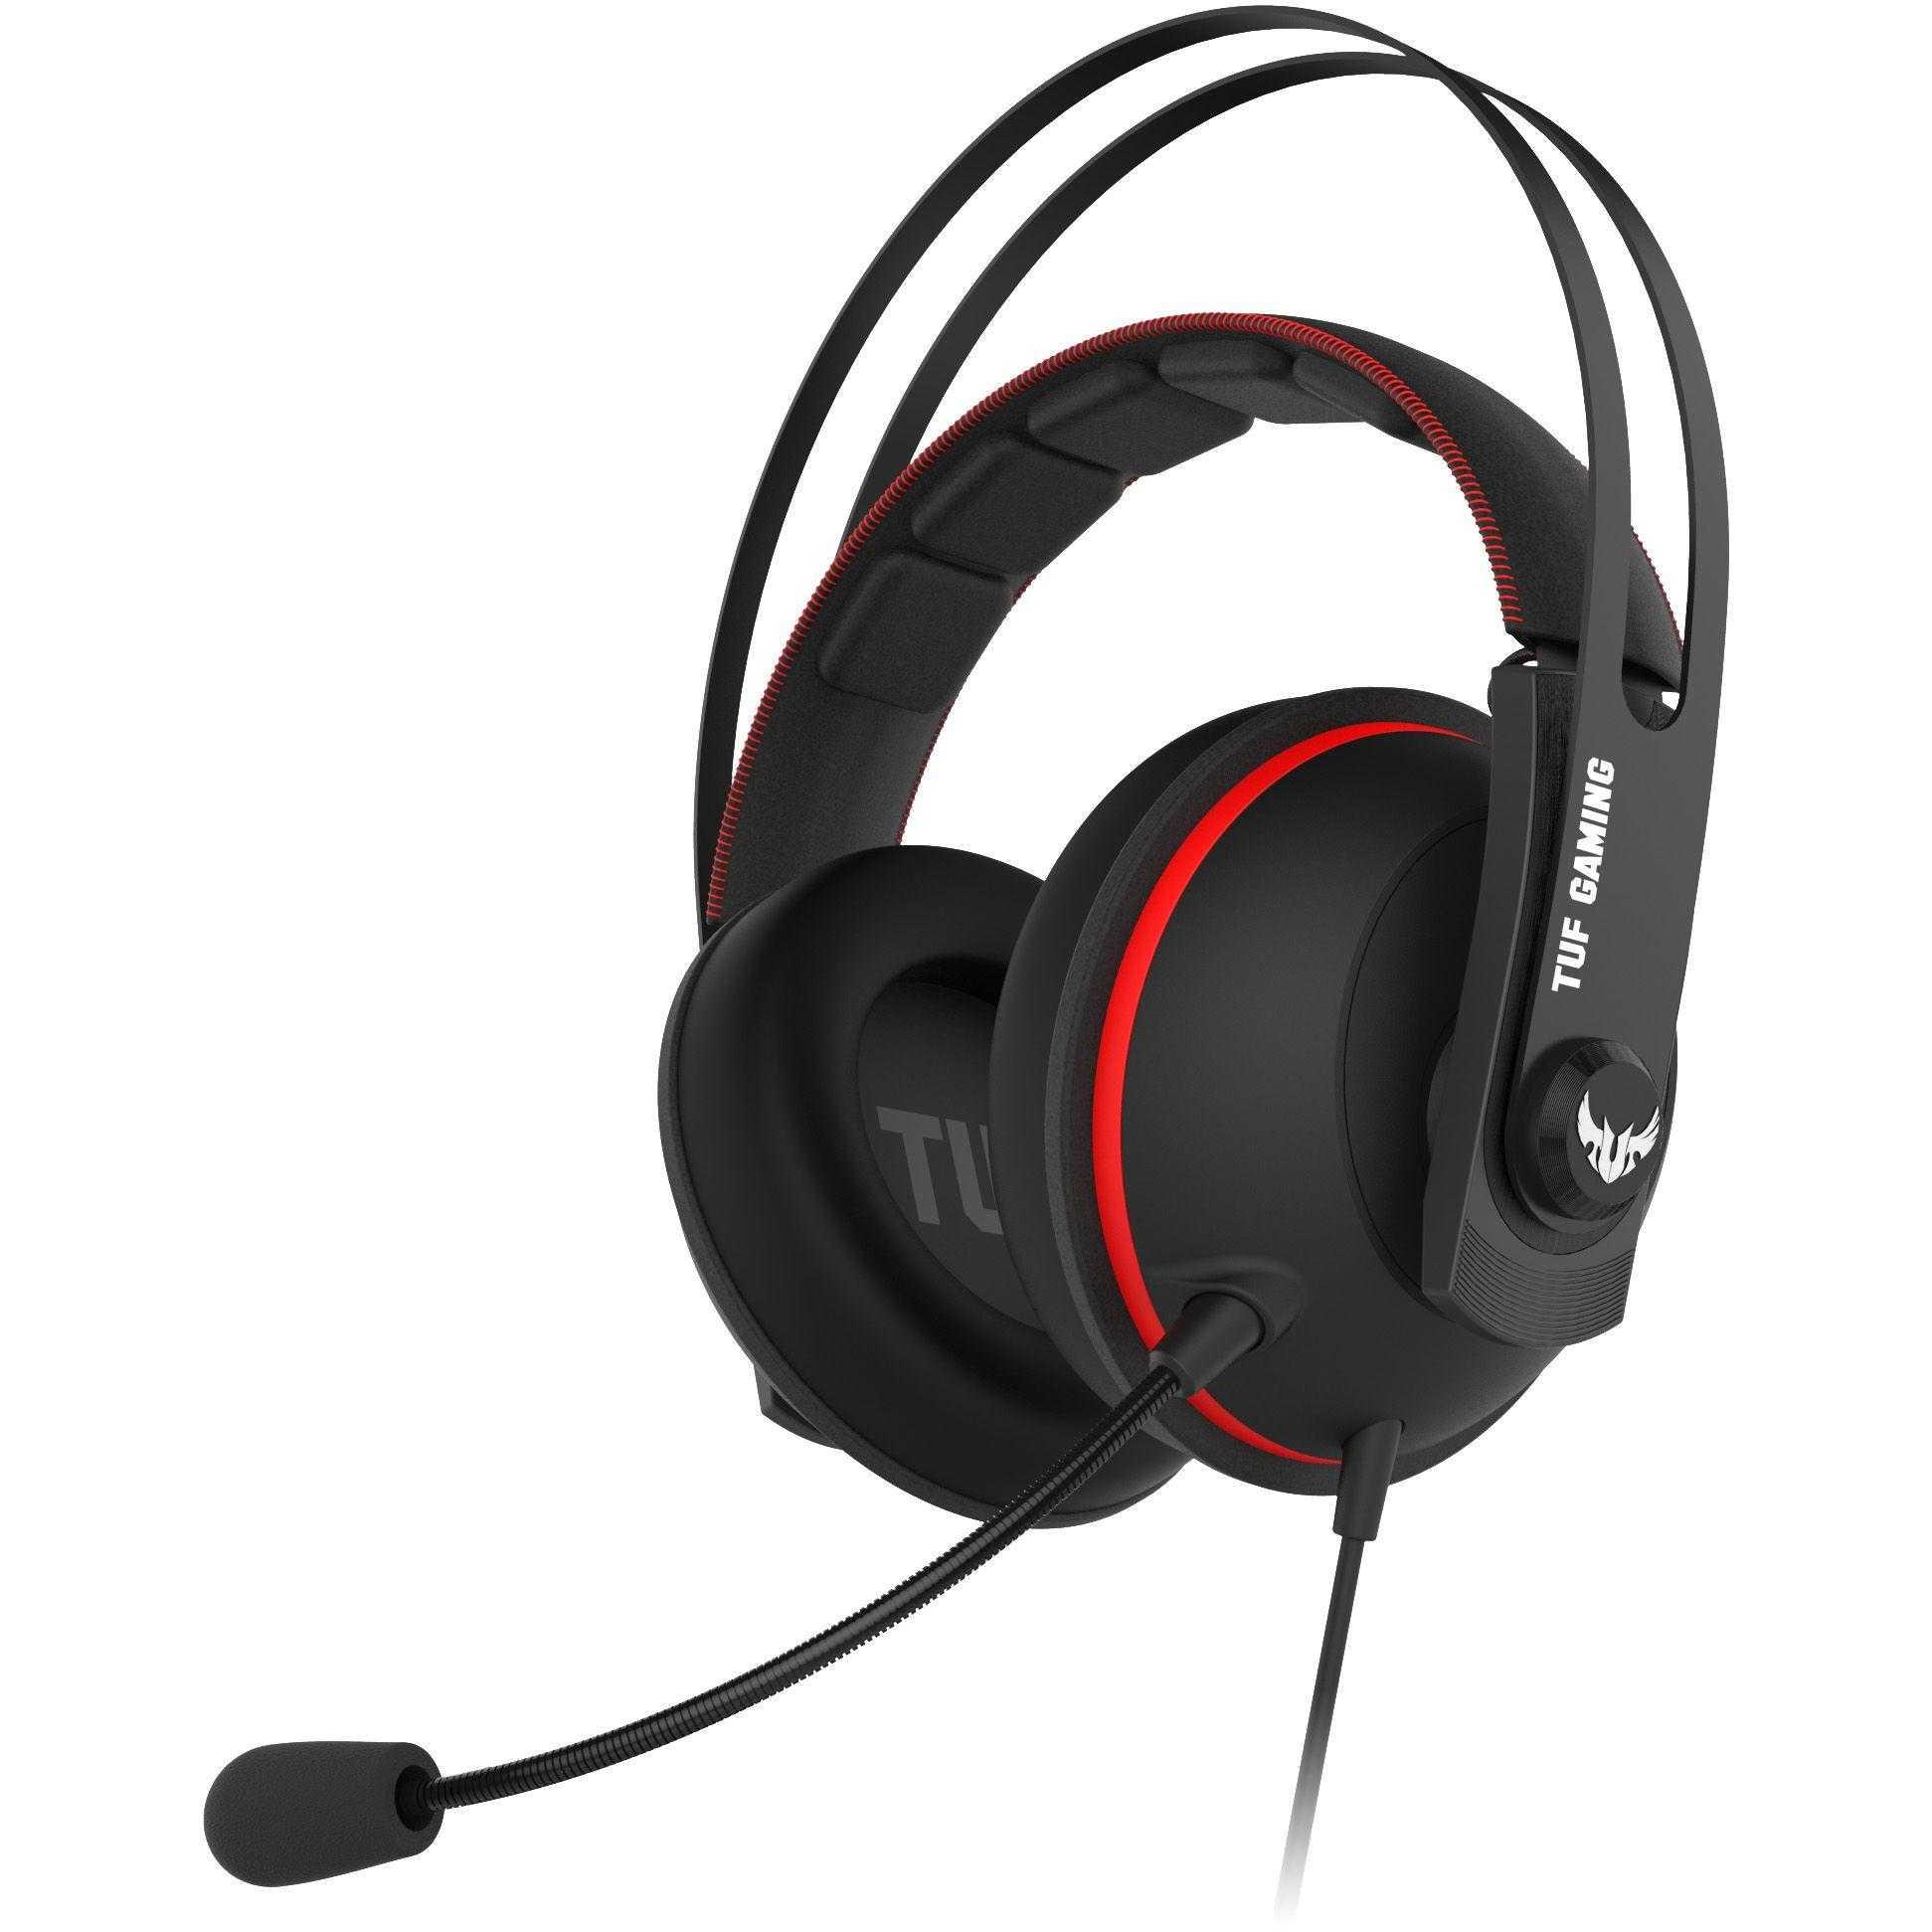 Casti gaming cu microfon Asus TUF H7, Negru/Rosu